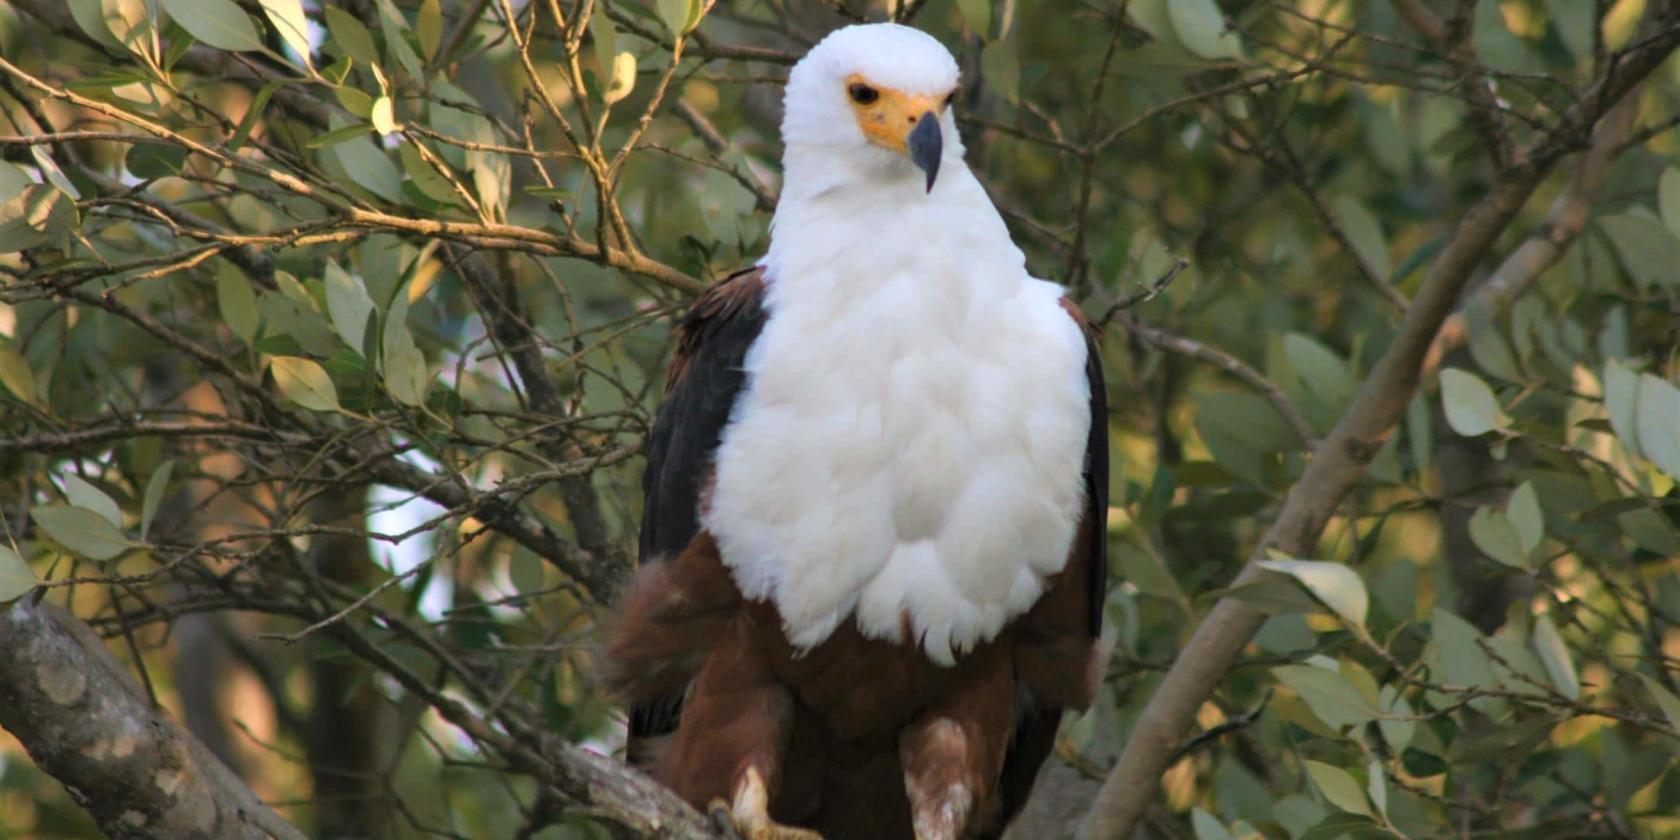 Isimangaliso St Lucia - Fish Eagle